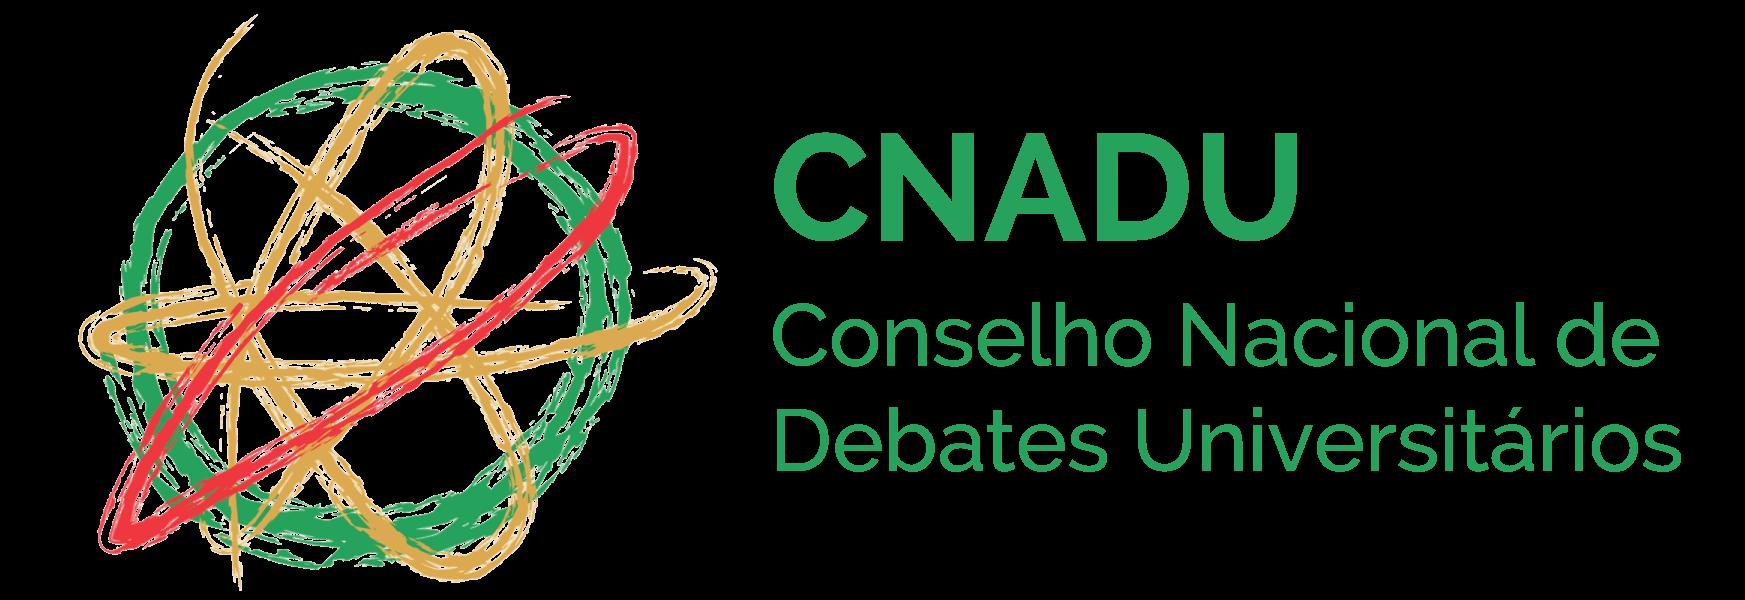 Conselho Nacional de Debates Universitários